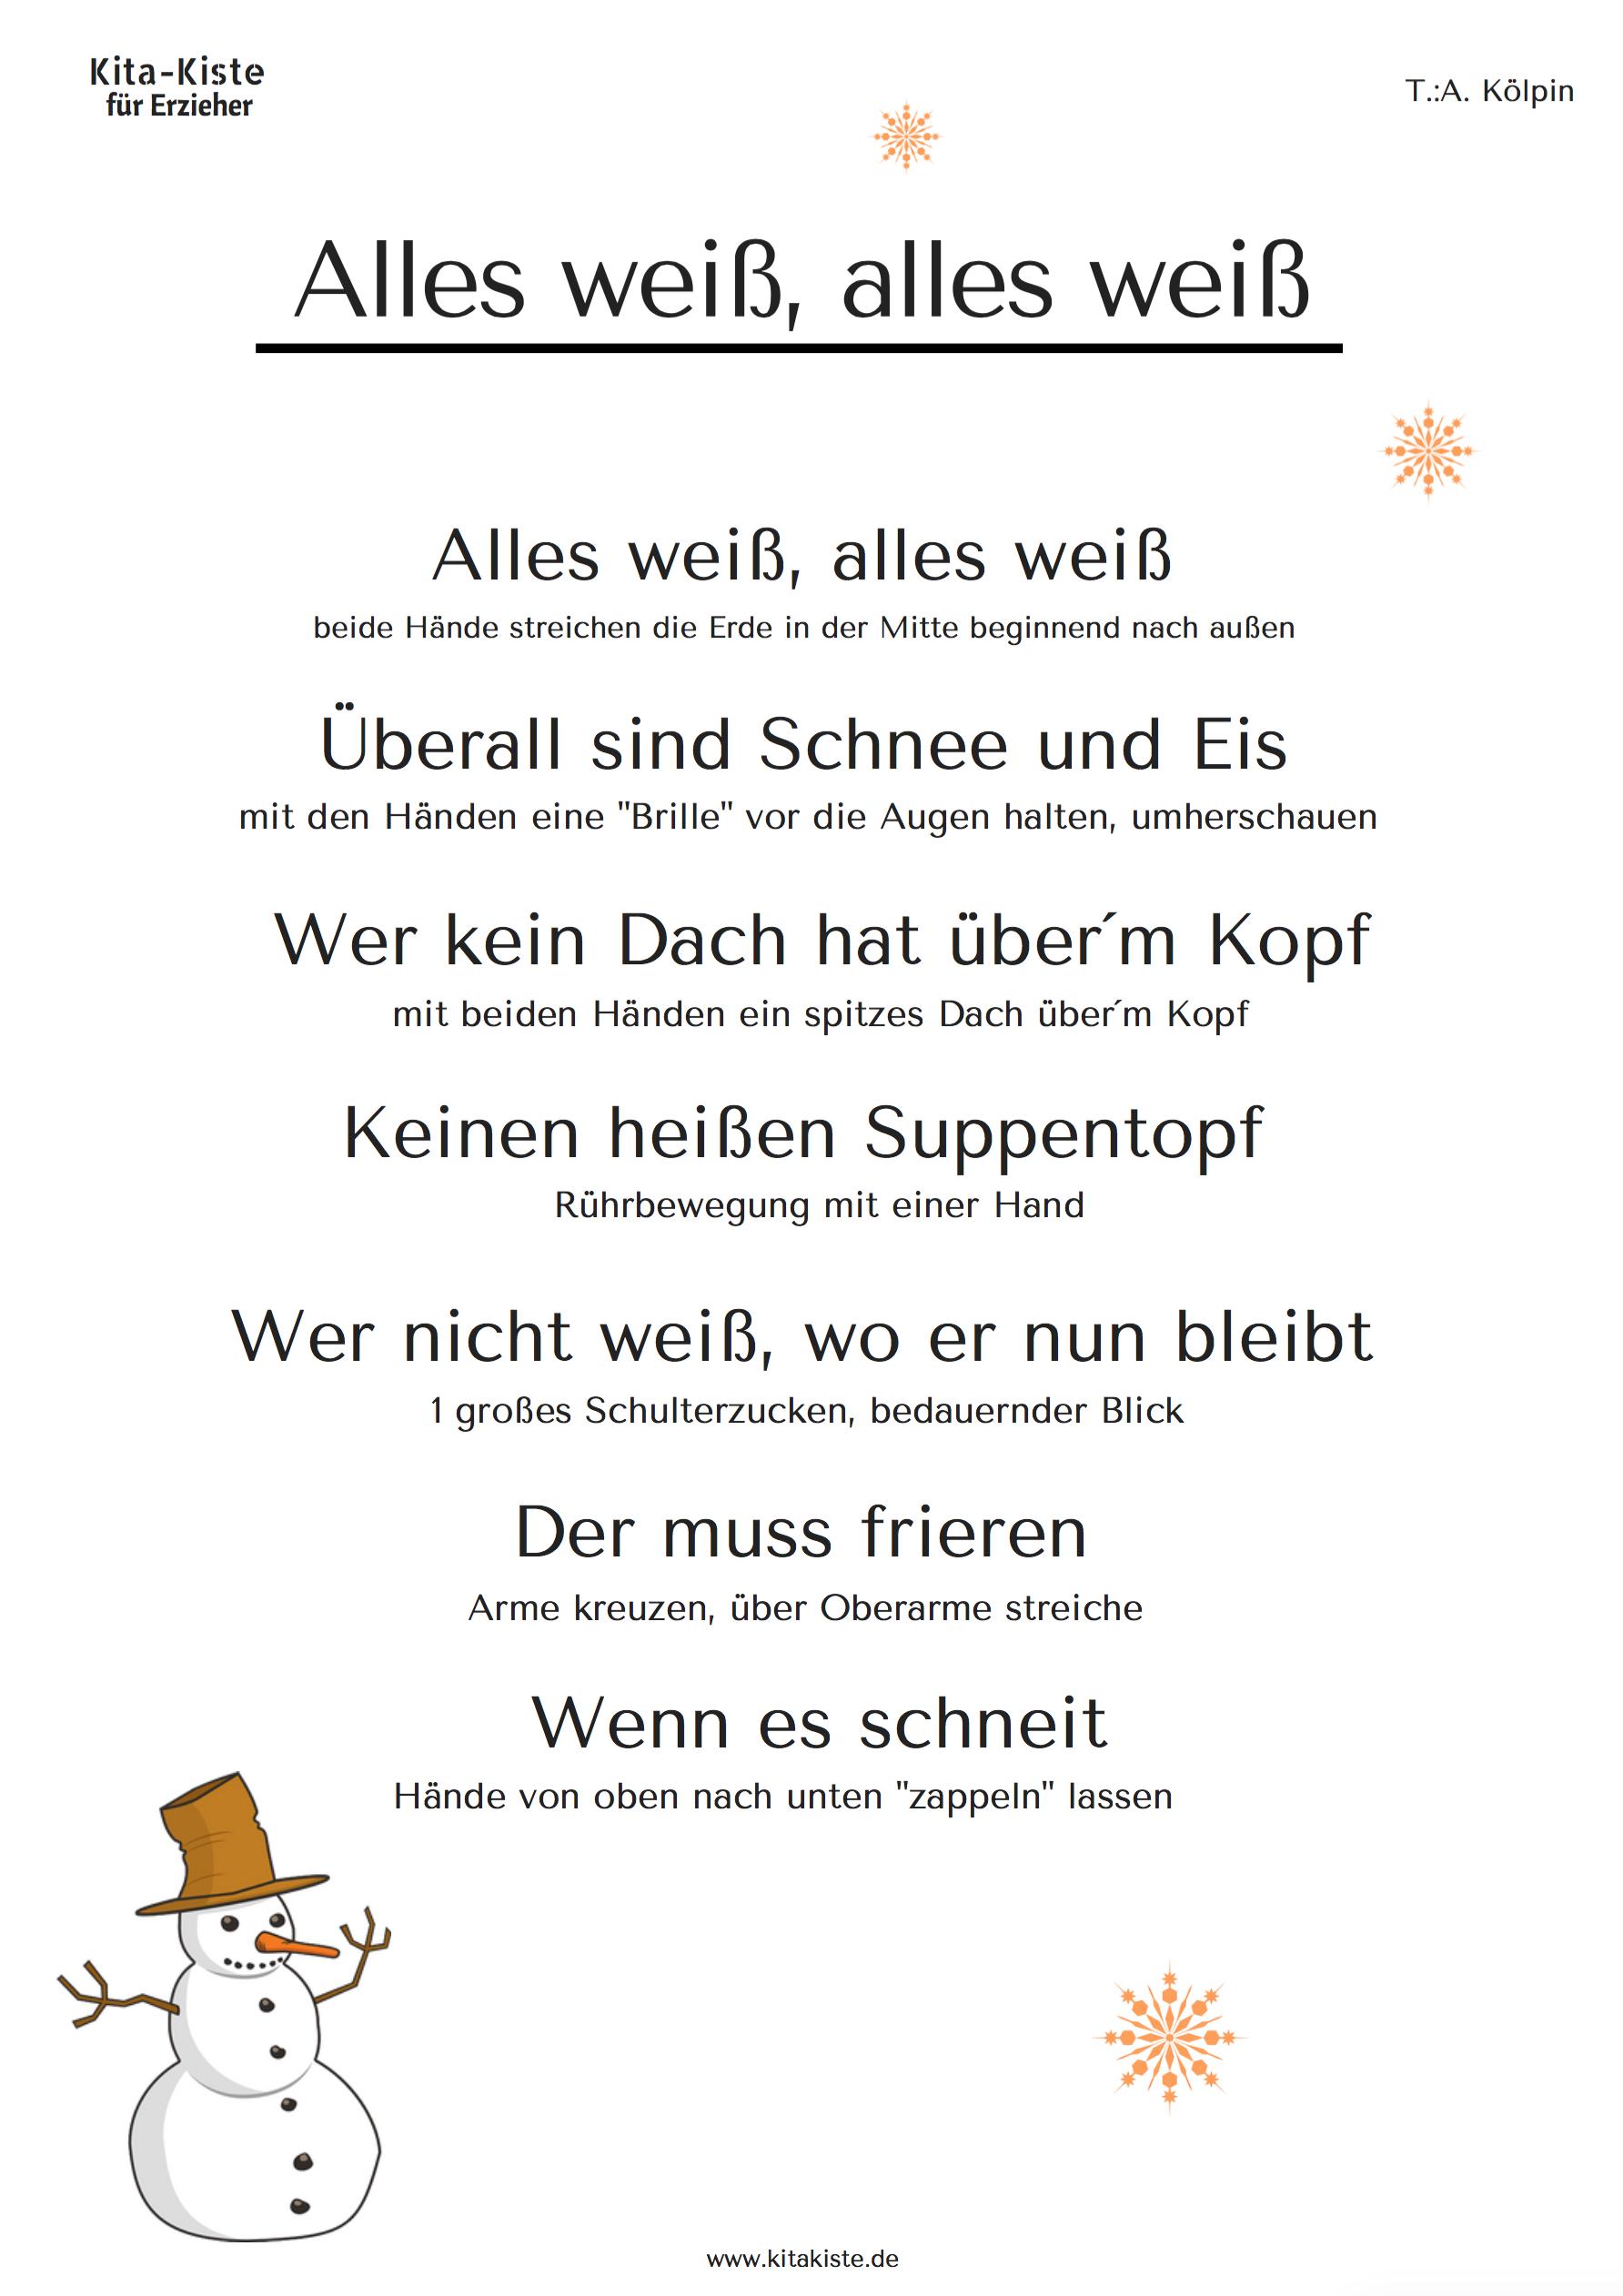 Winter-Gedicht - Passende Gesten Sind Beschrieben - Verfasst ganzes Adventsgedicht Für Kindergartenkinder